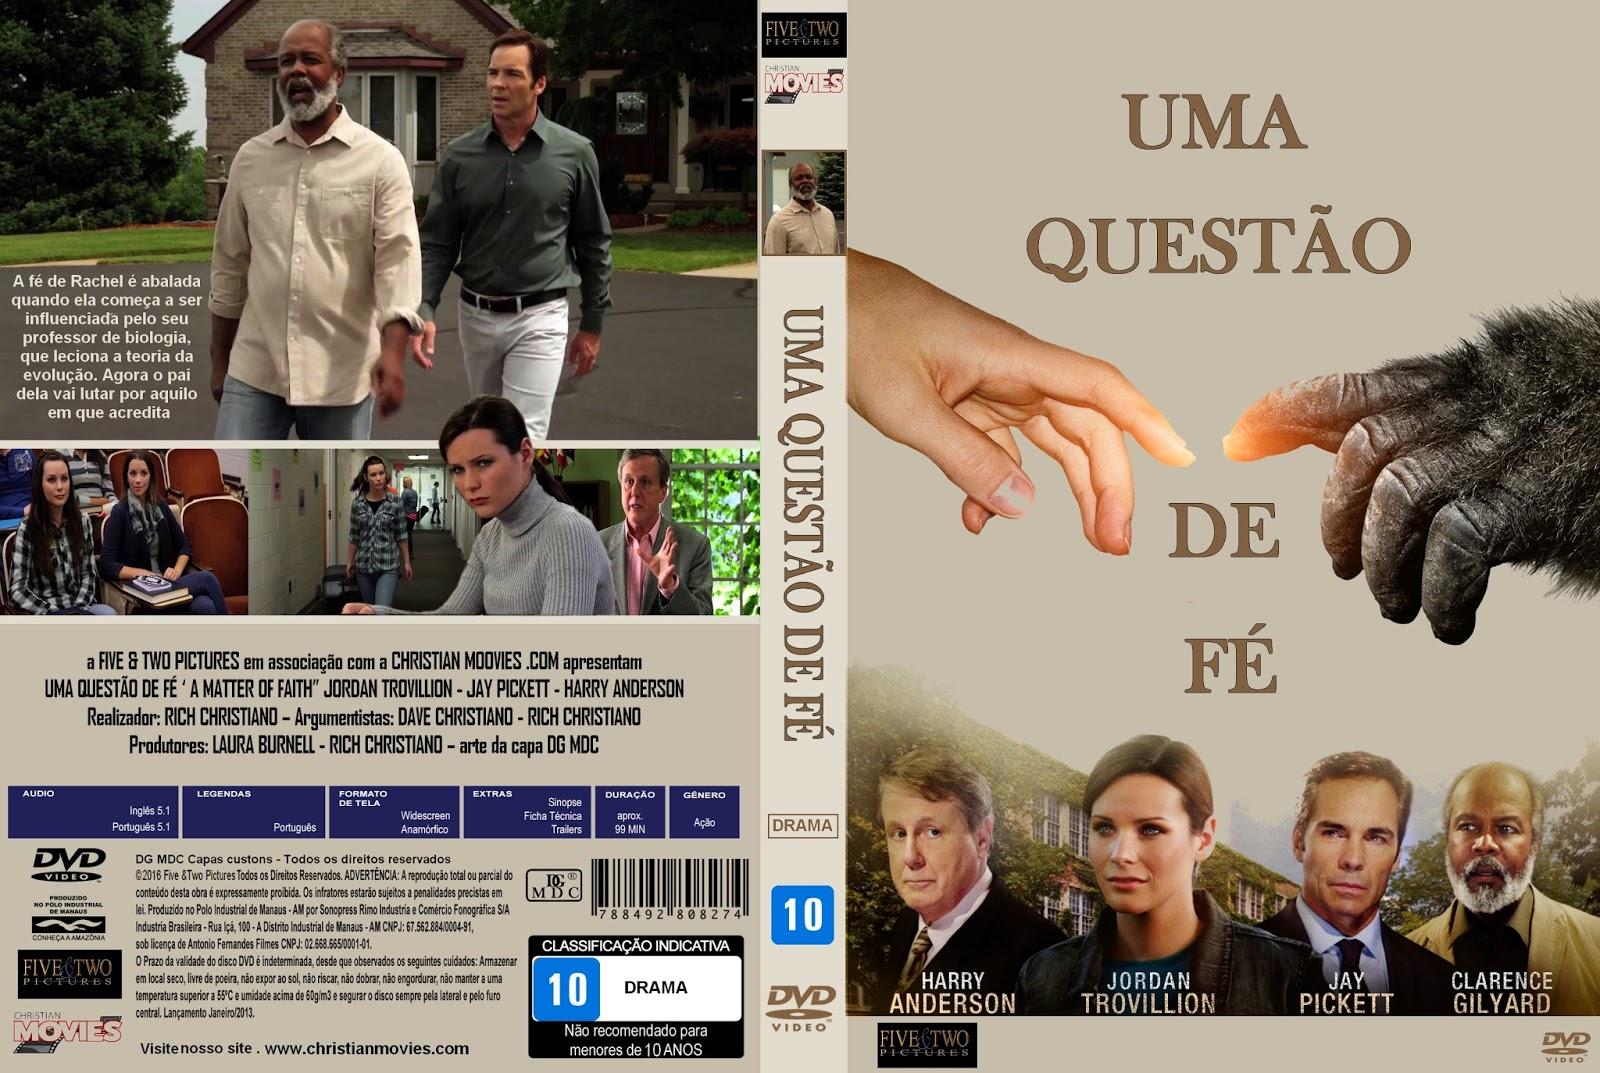 FILMES ONLINE: UMA QUESTÃO DE FÉ